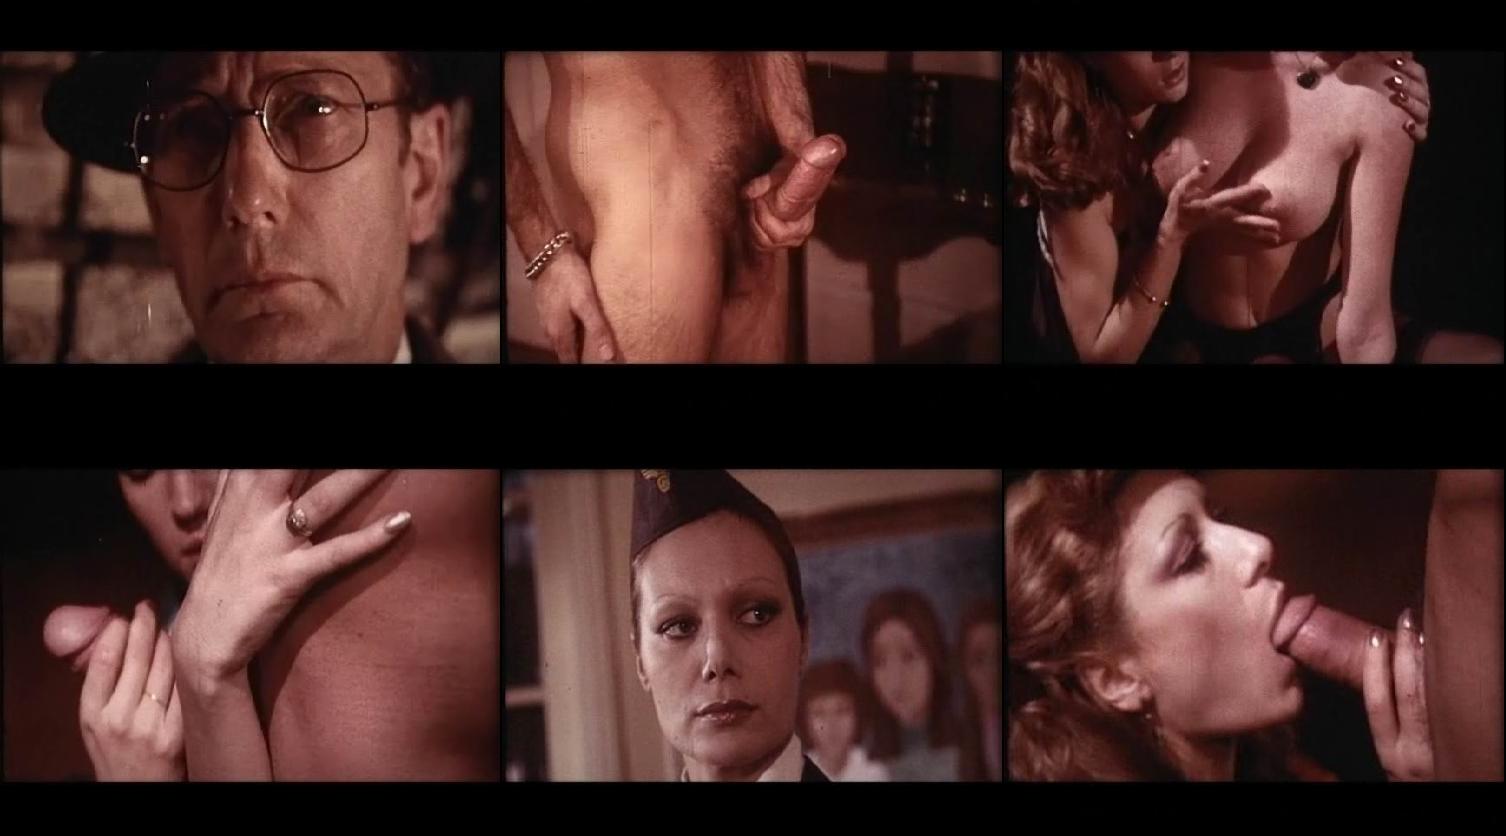 Онлайн Порно Фильмы на ivi-video.com